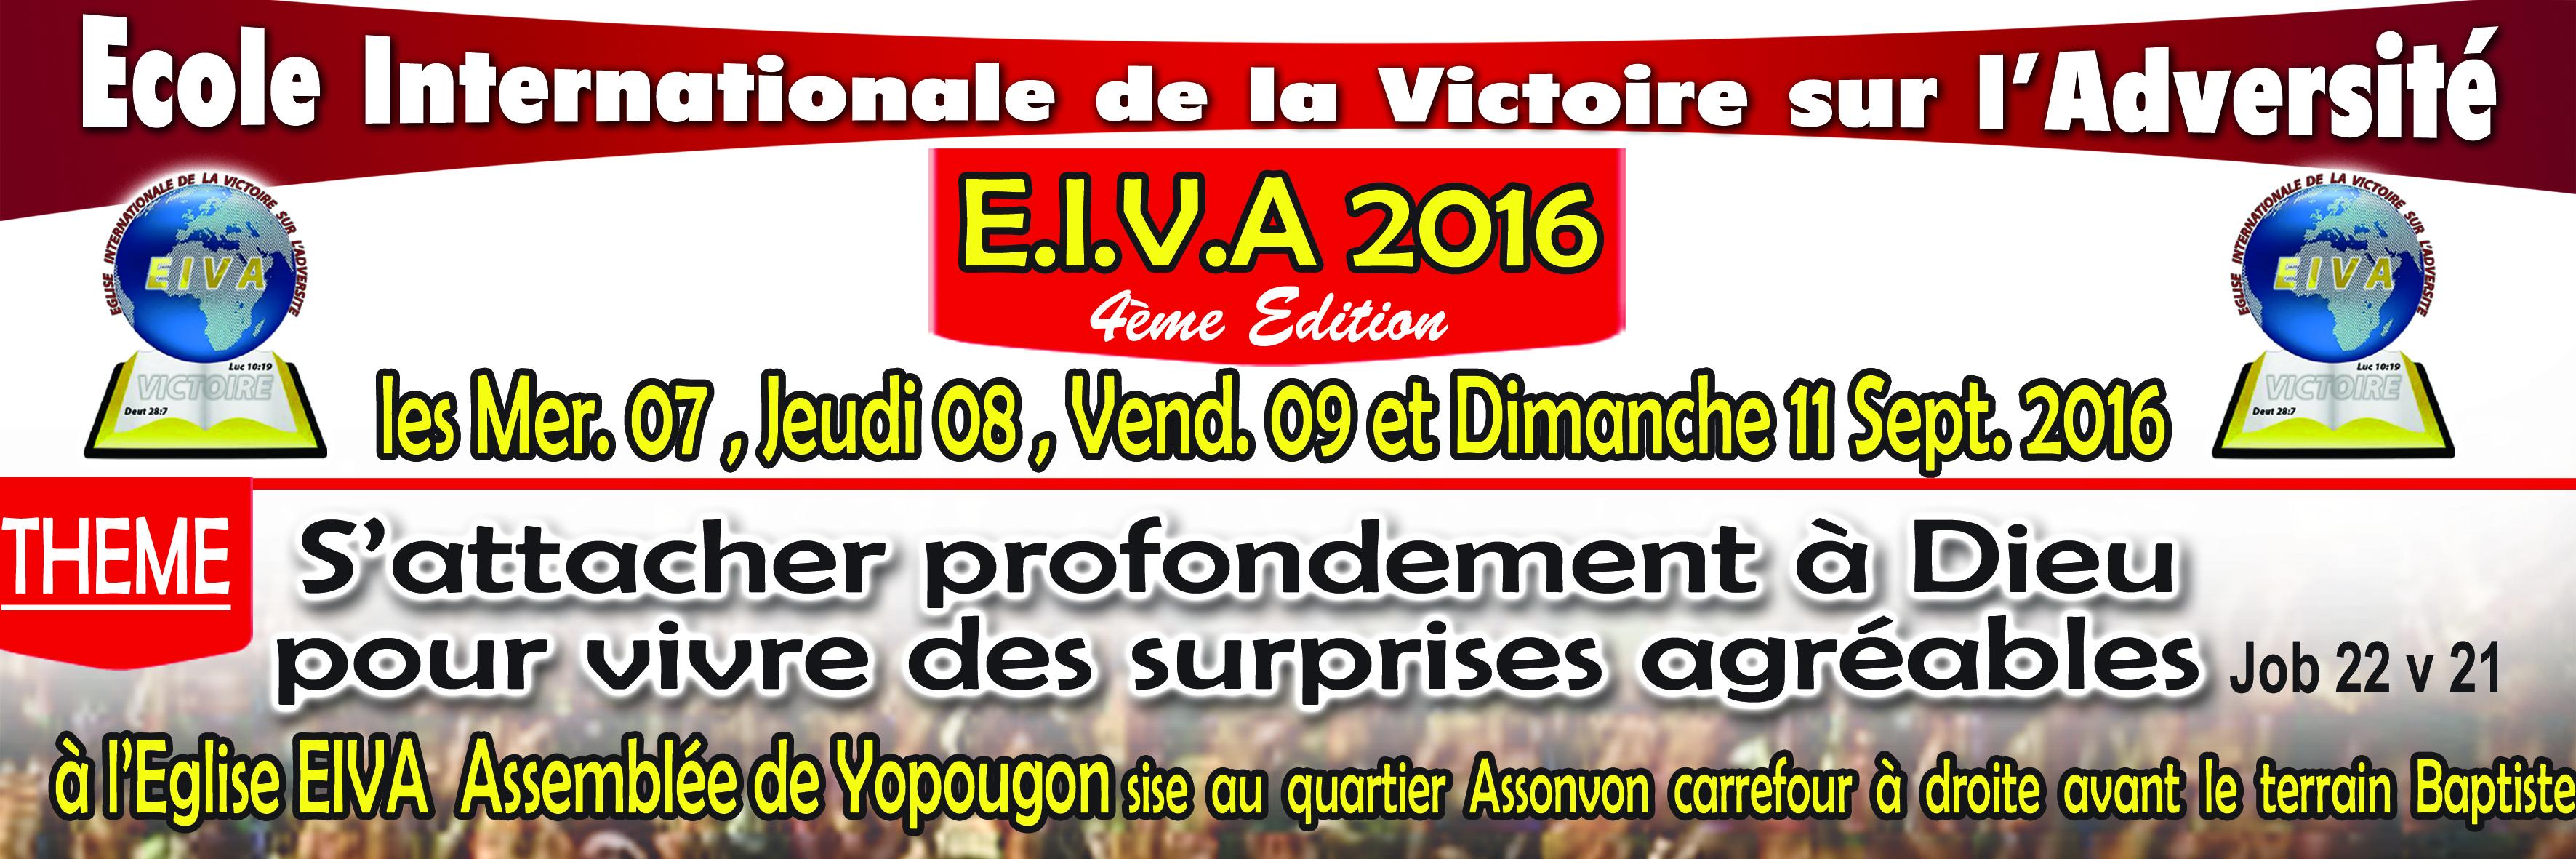 BACHE EIVA 2016